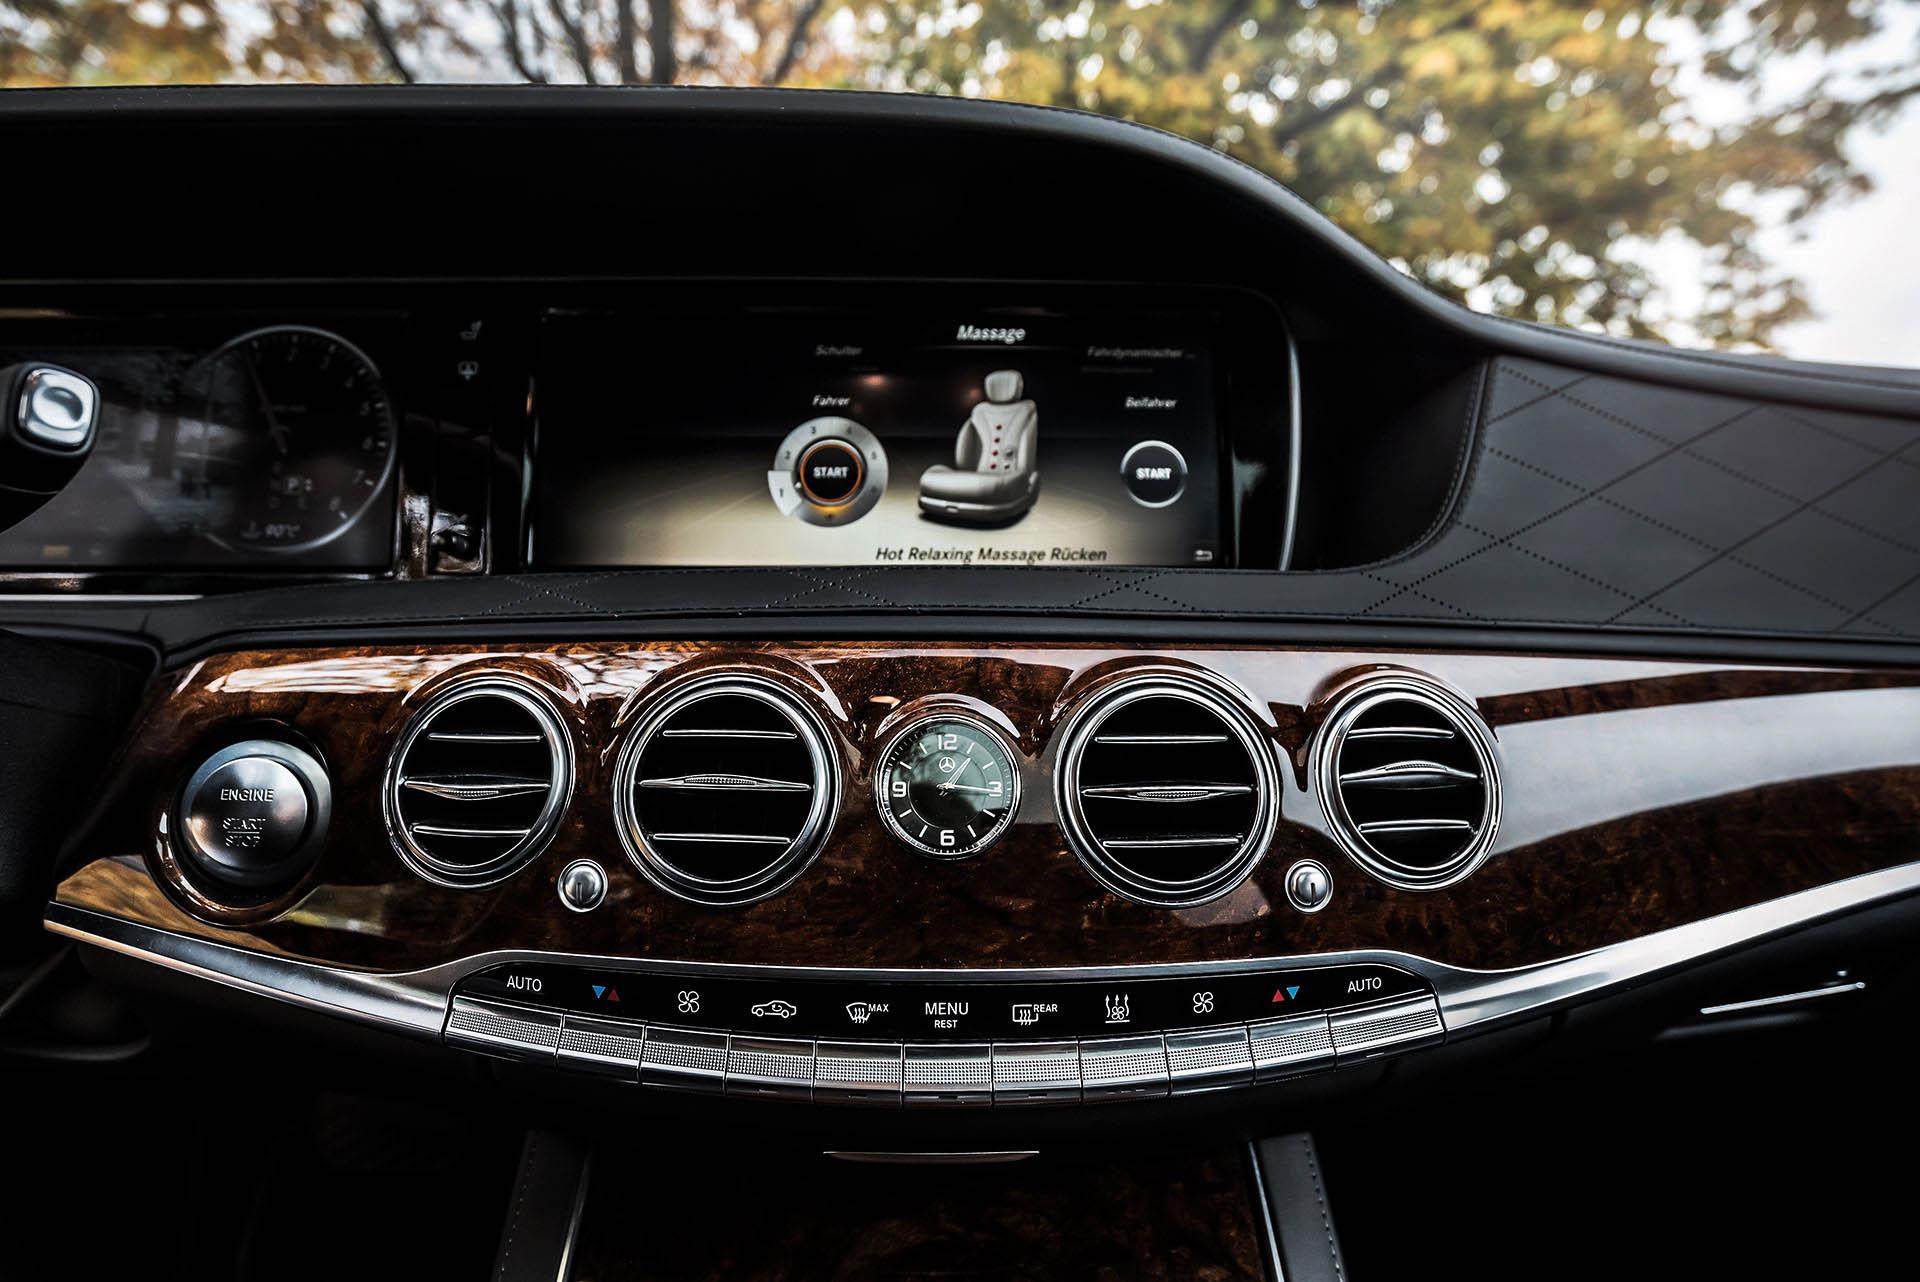 B+K_Sportwagen_Rheinland_GmbH_Mercedes_Benz_Sklasse_500_schwarz_13